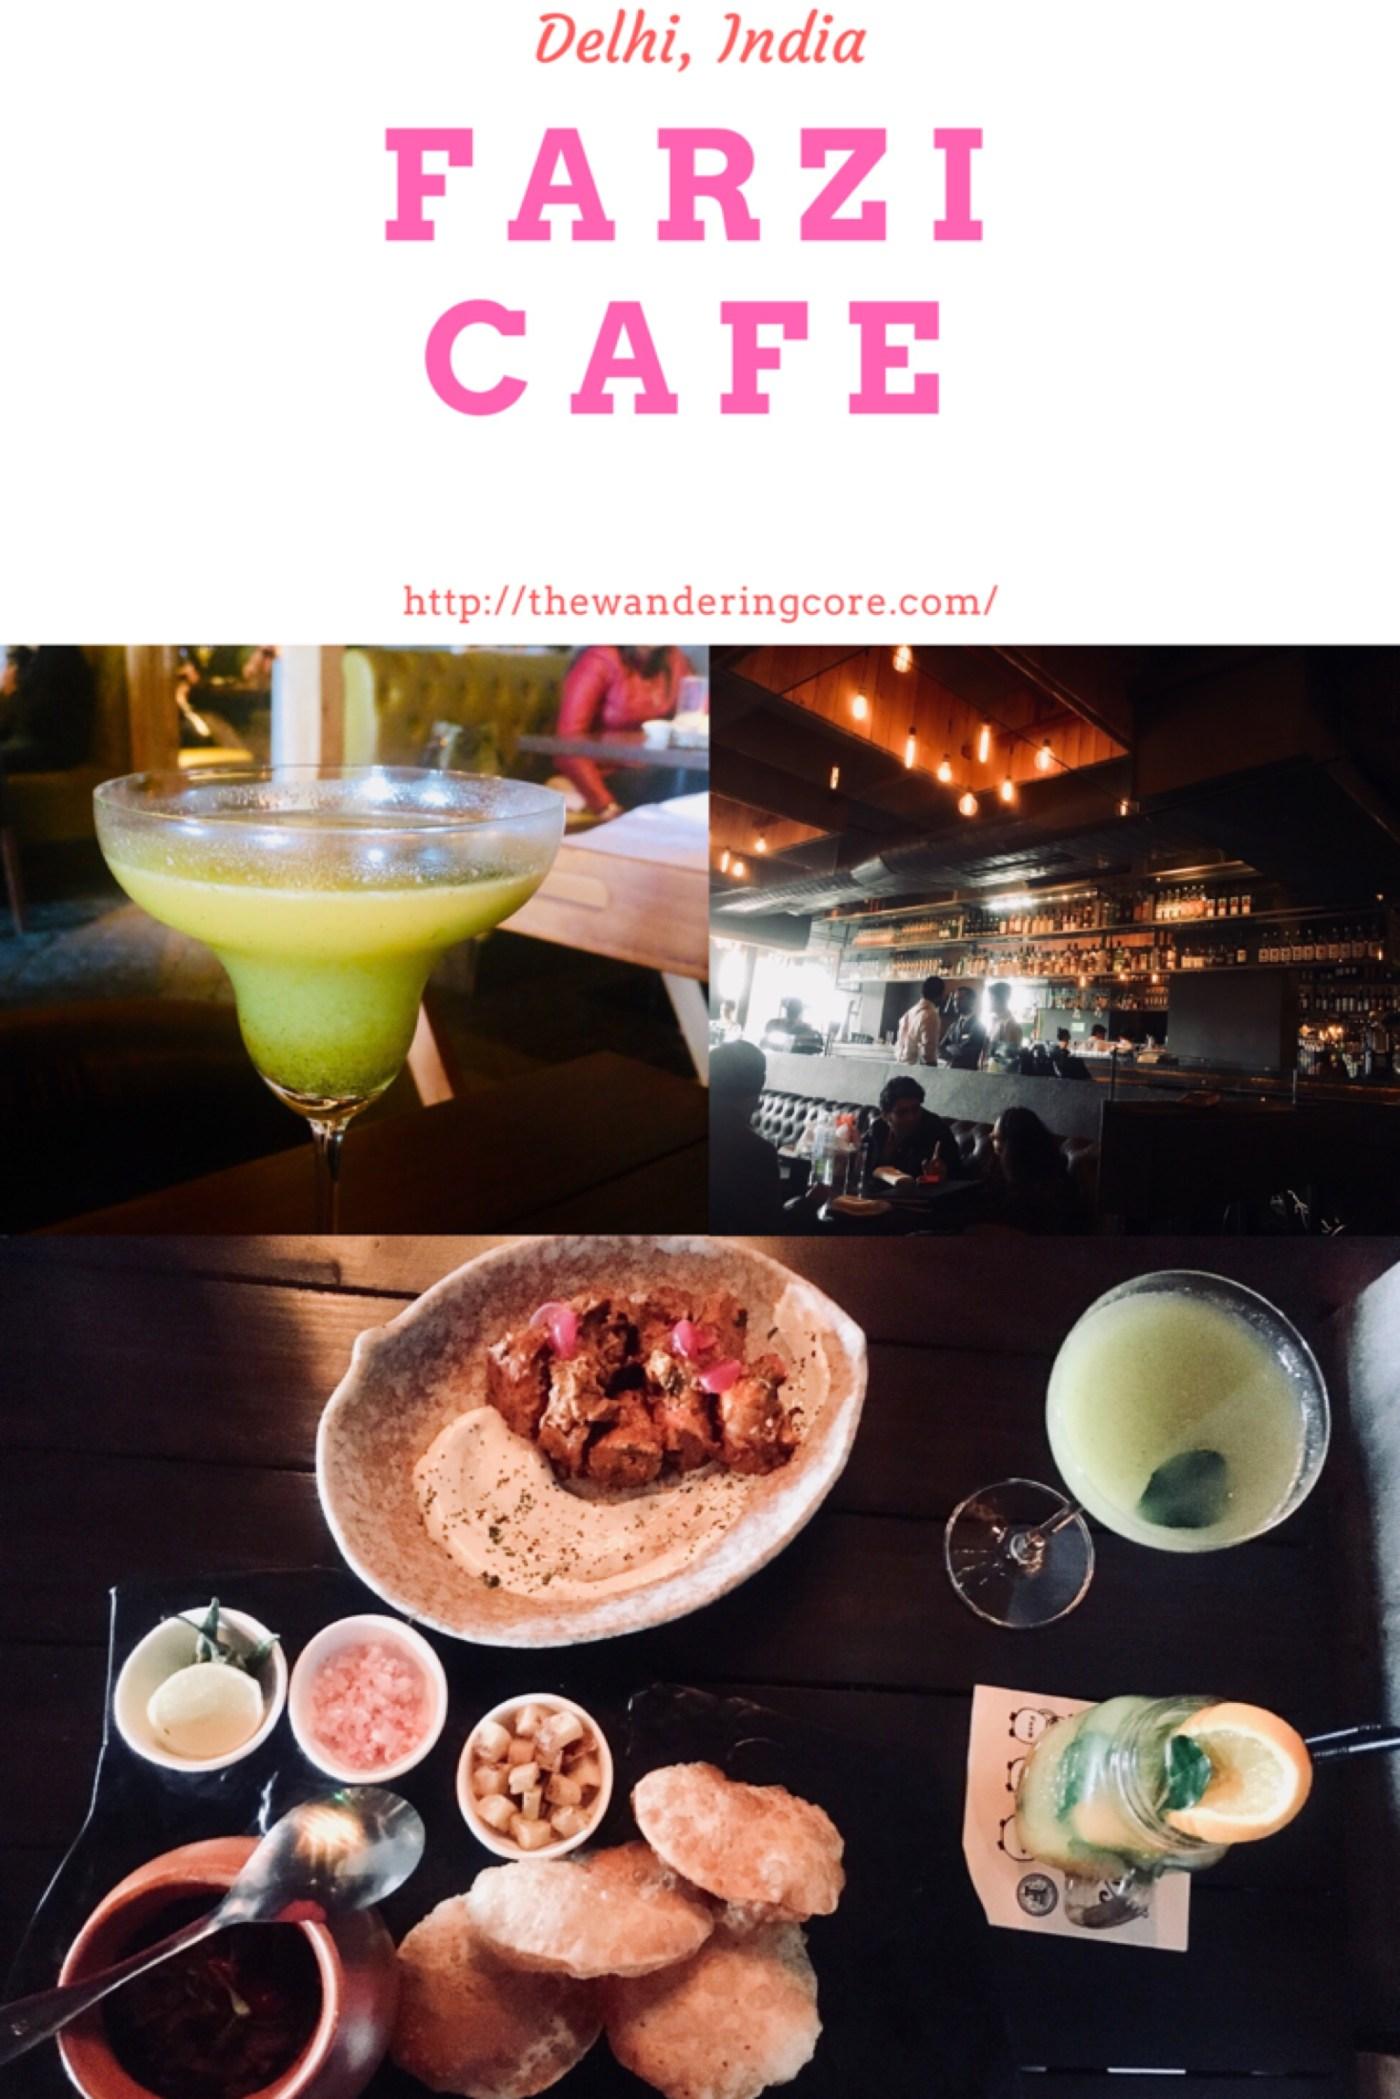 Farzi Café - Restaurant review - Delhi, India #farzicafe #review #delhi